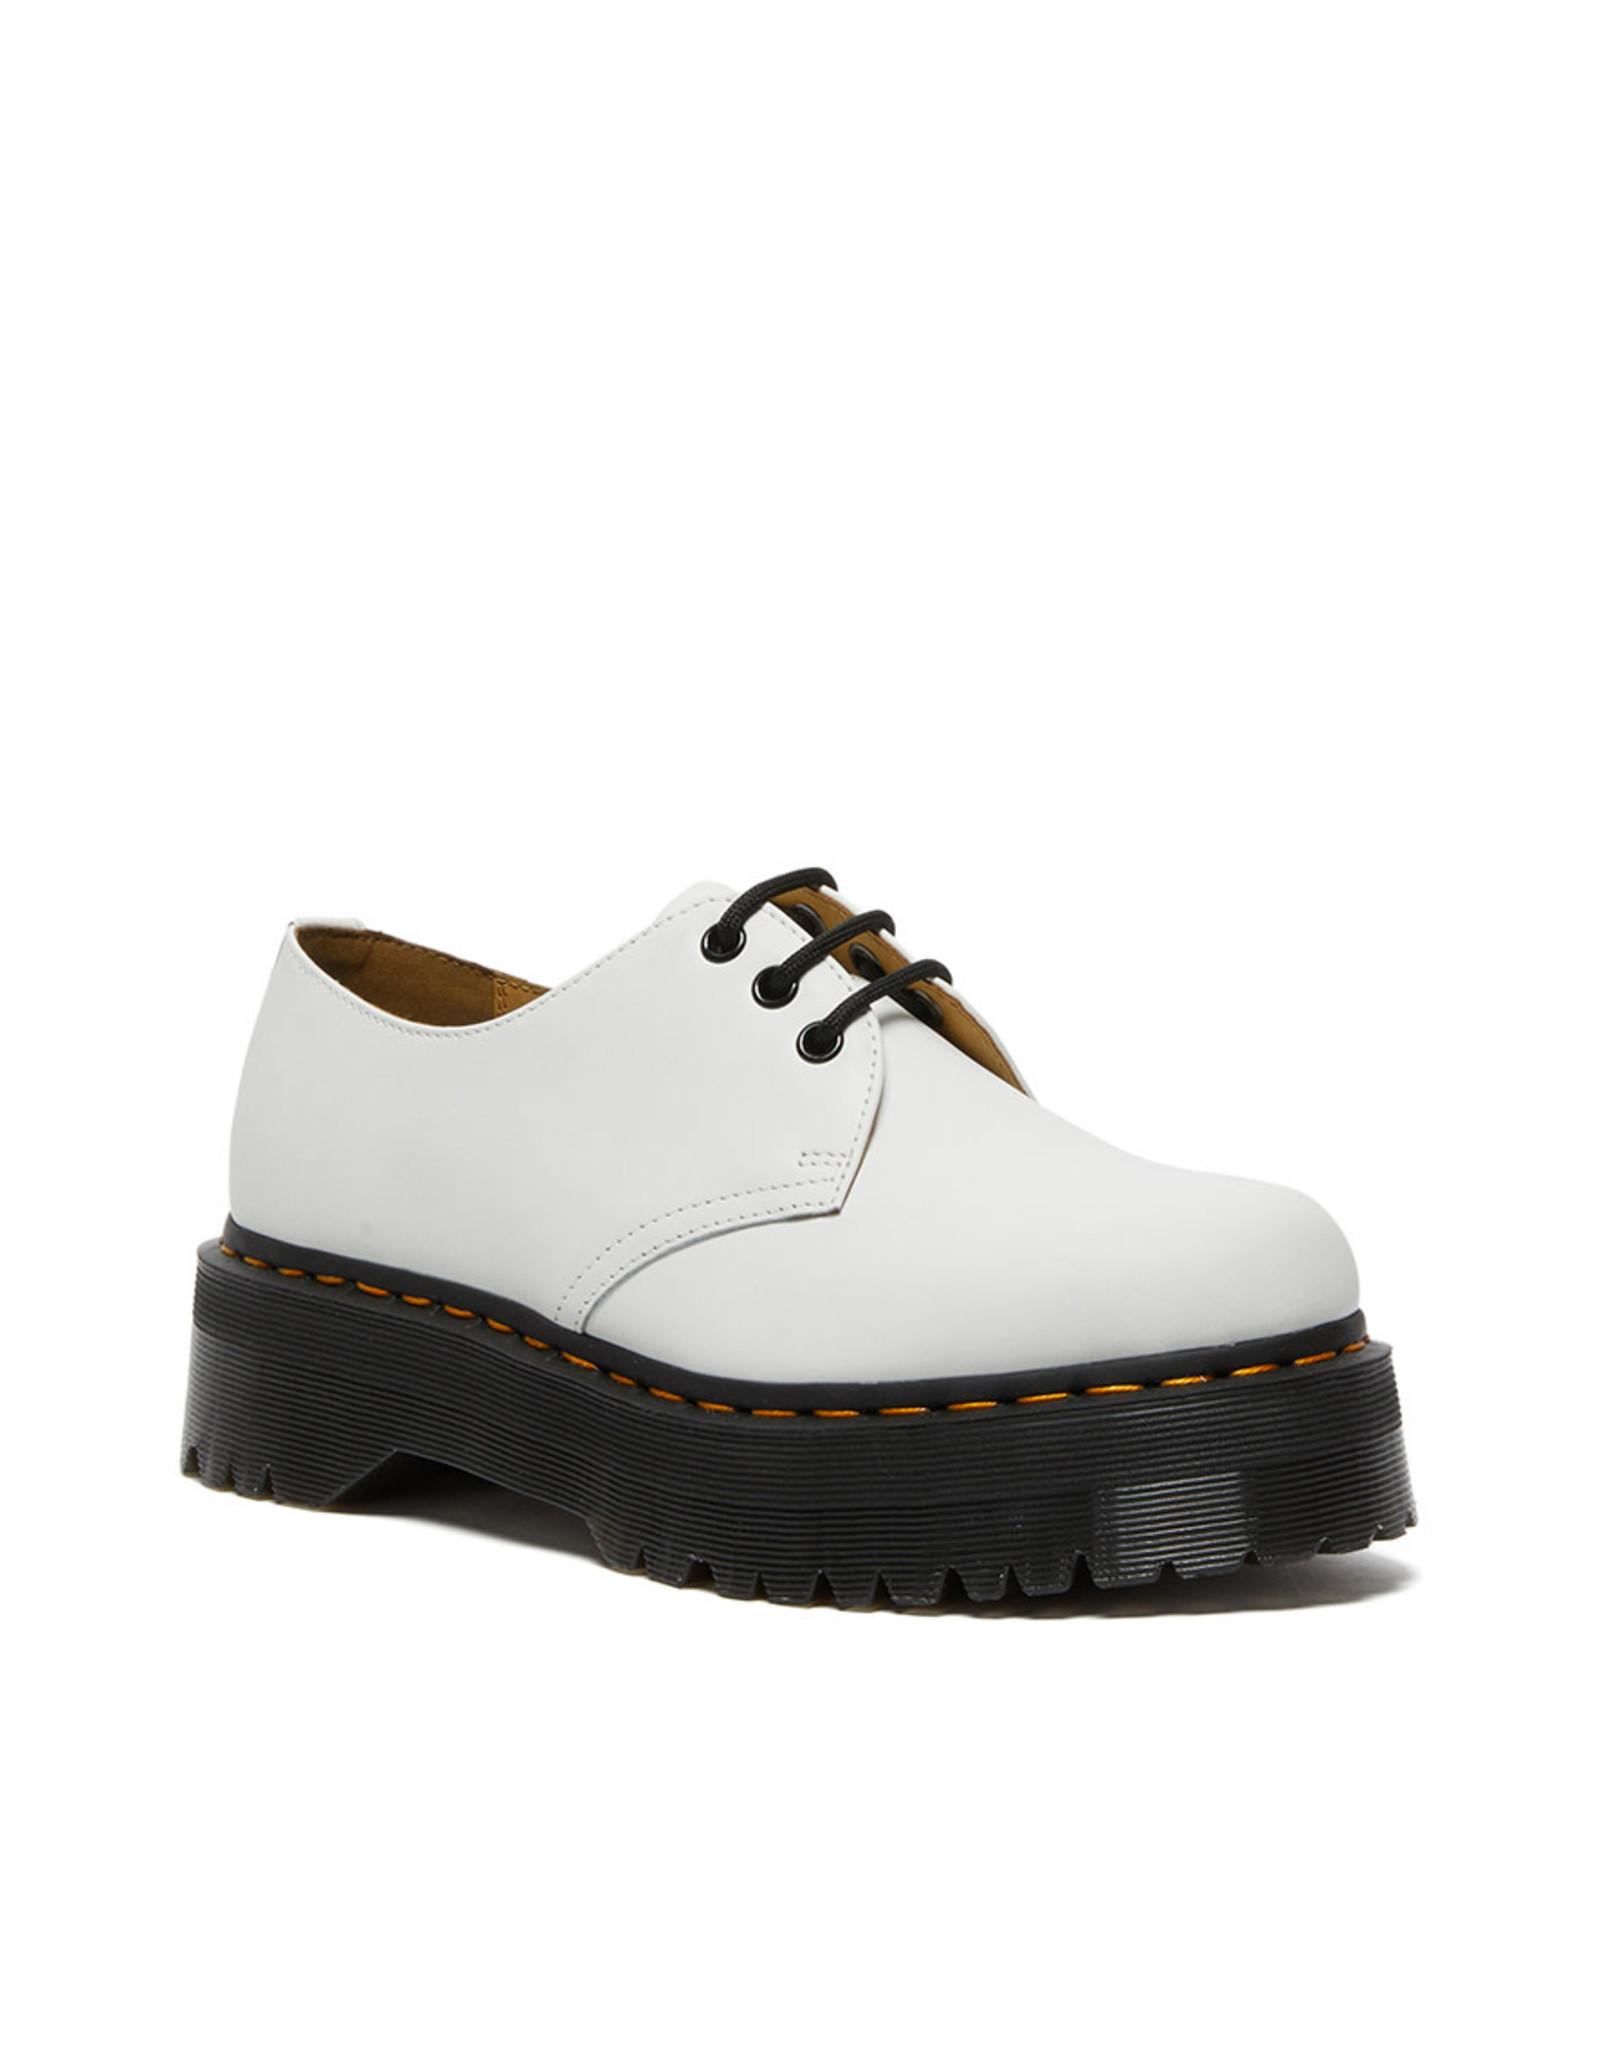 DR. MARTENS 1461 QUAD WHITE SMOOTH 302W-R26492100